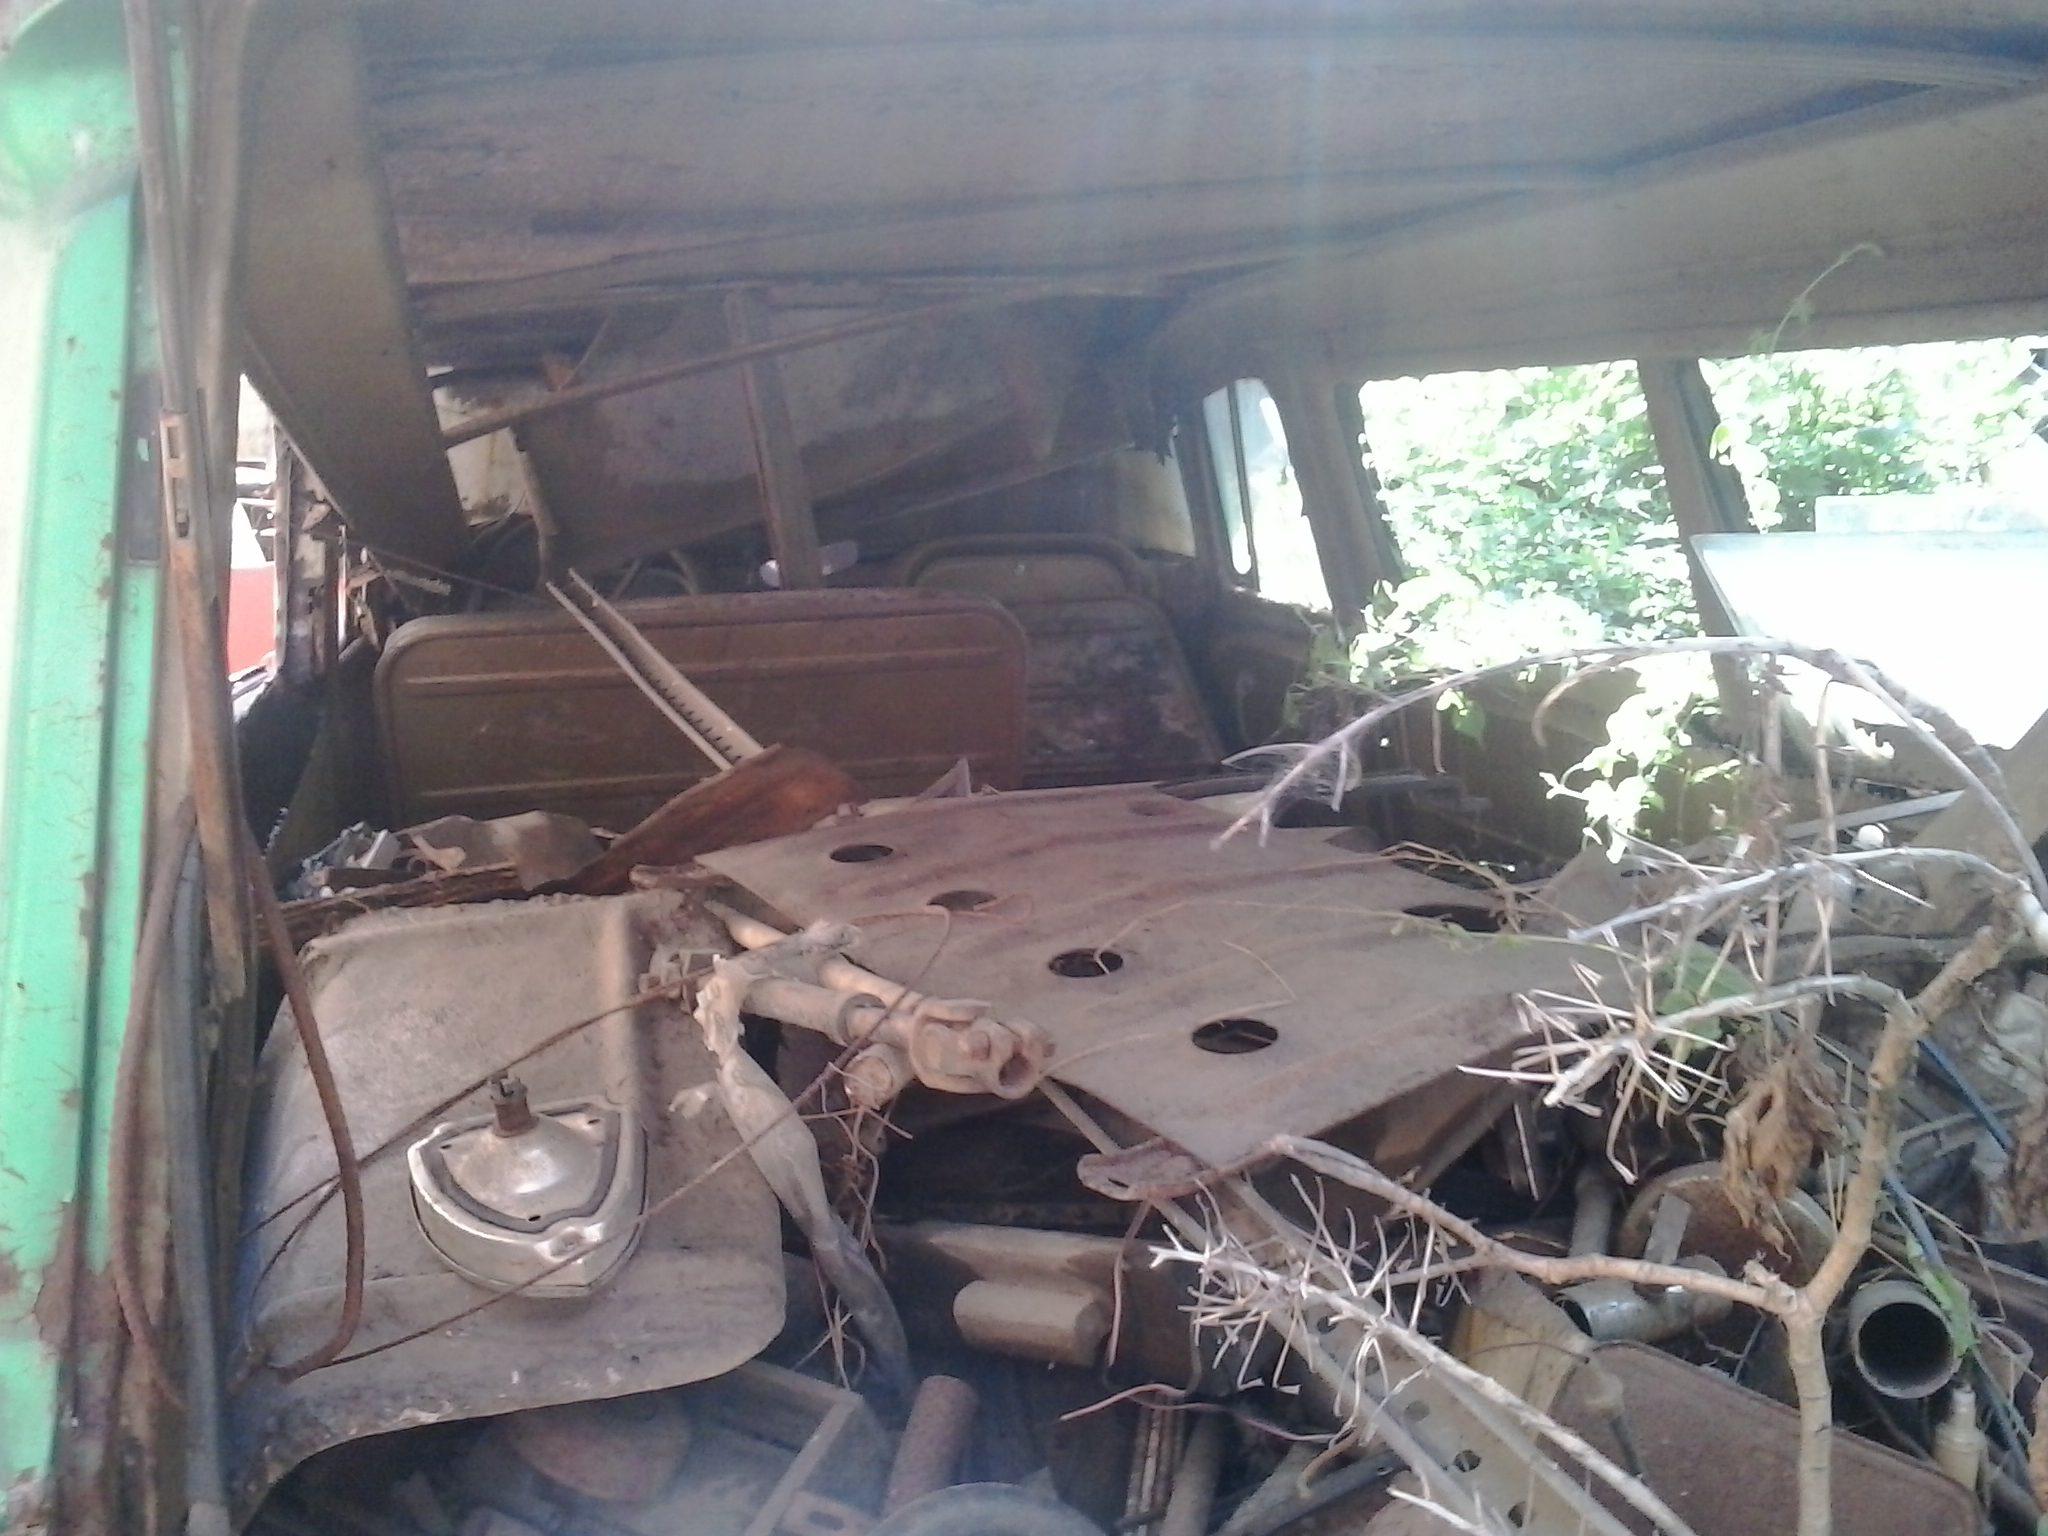 doubt Chevrolet Suburban (Apache), Adelino, Rio de Janeiro, RJ. Que seria?